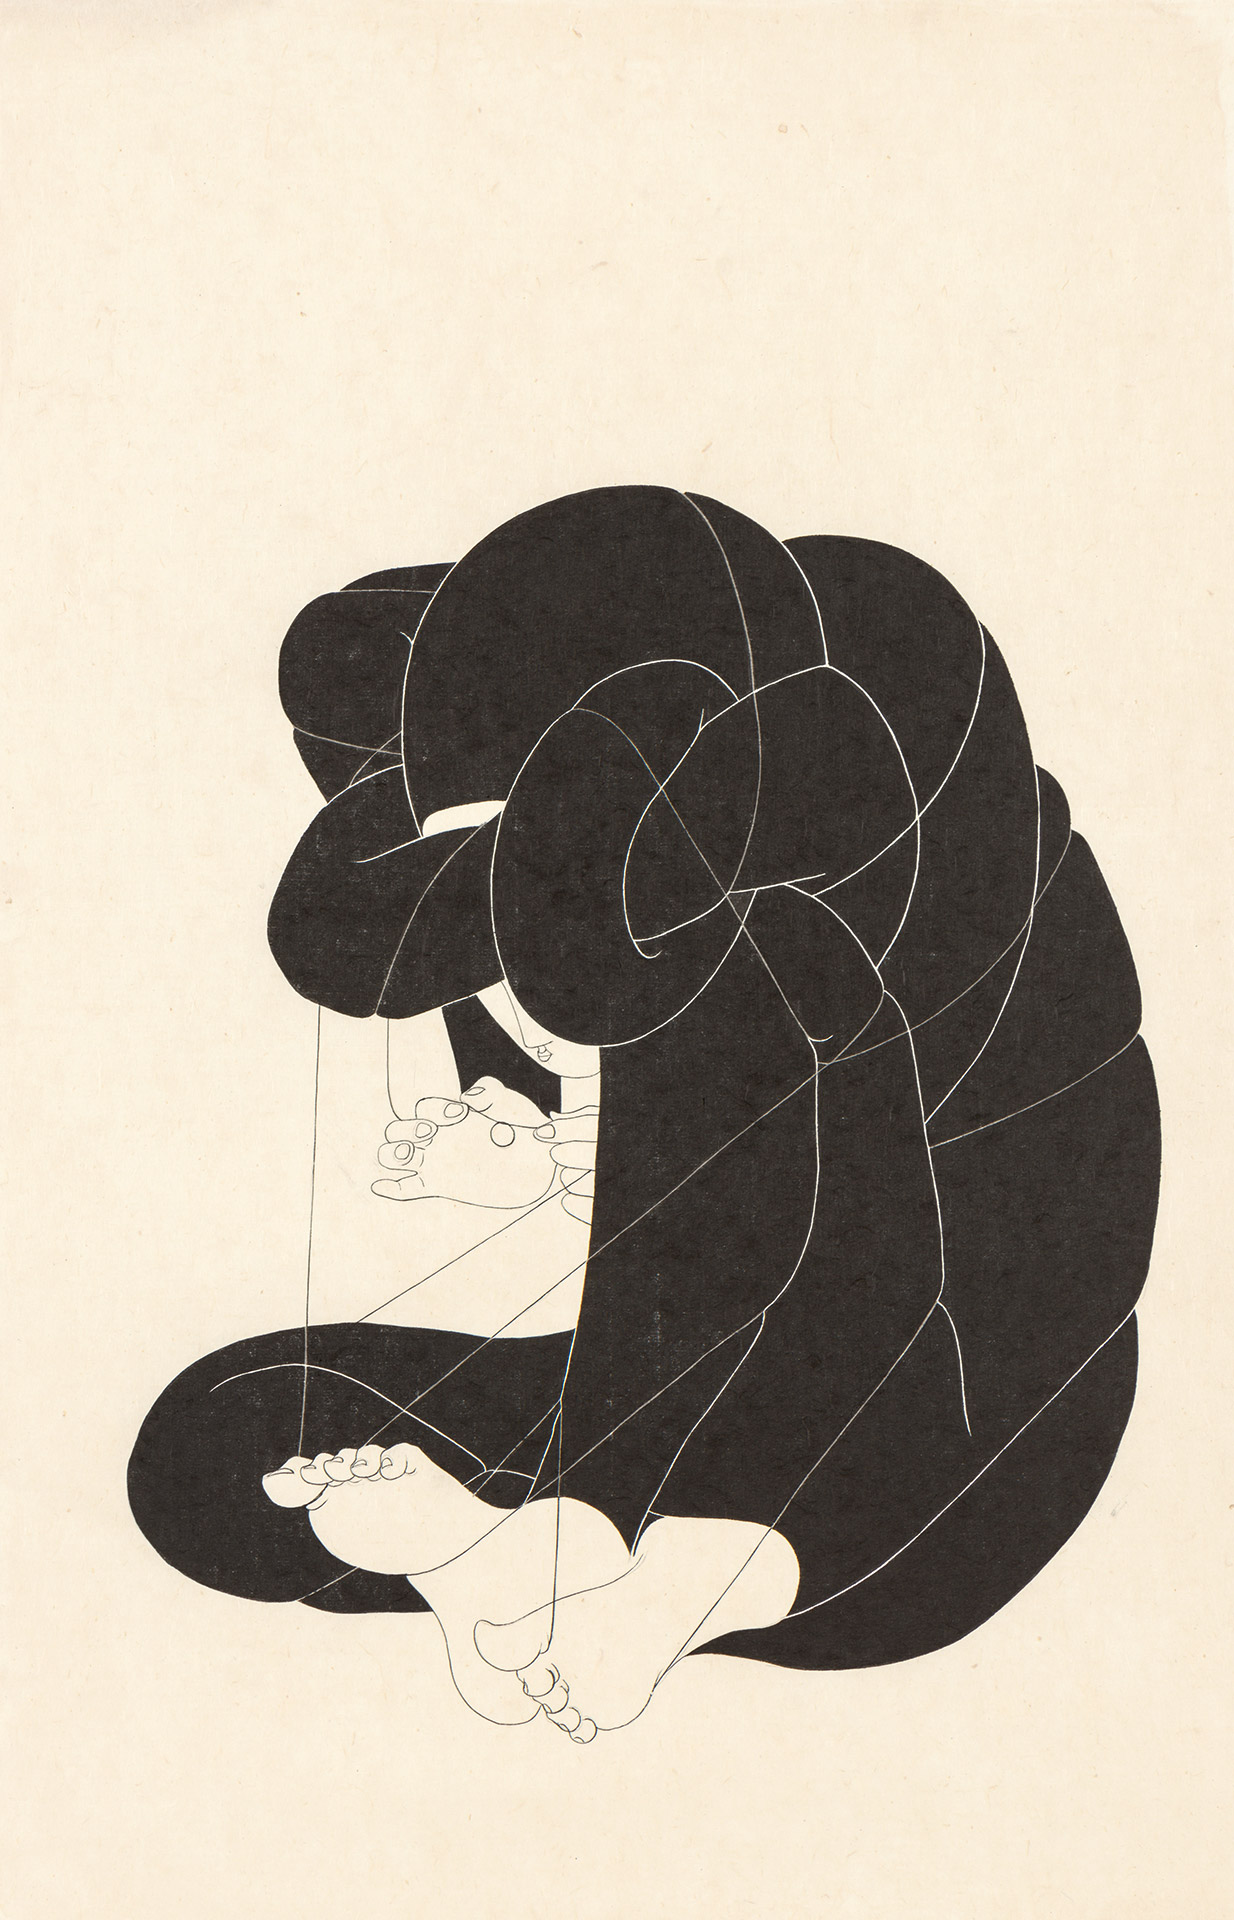 자승자박 自绳自缚 /  I locked myself out of me   Op. 0203P -48 x 72 cm,Korean ink on Korean paper, 2018